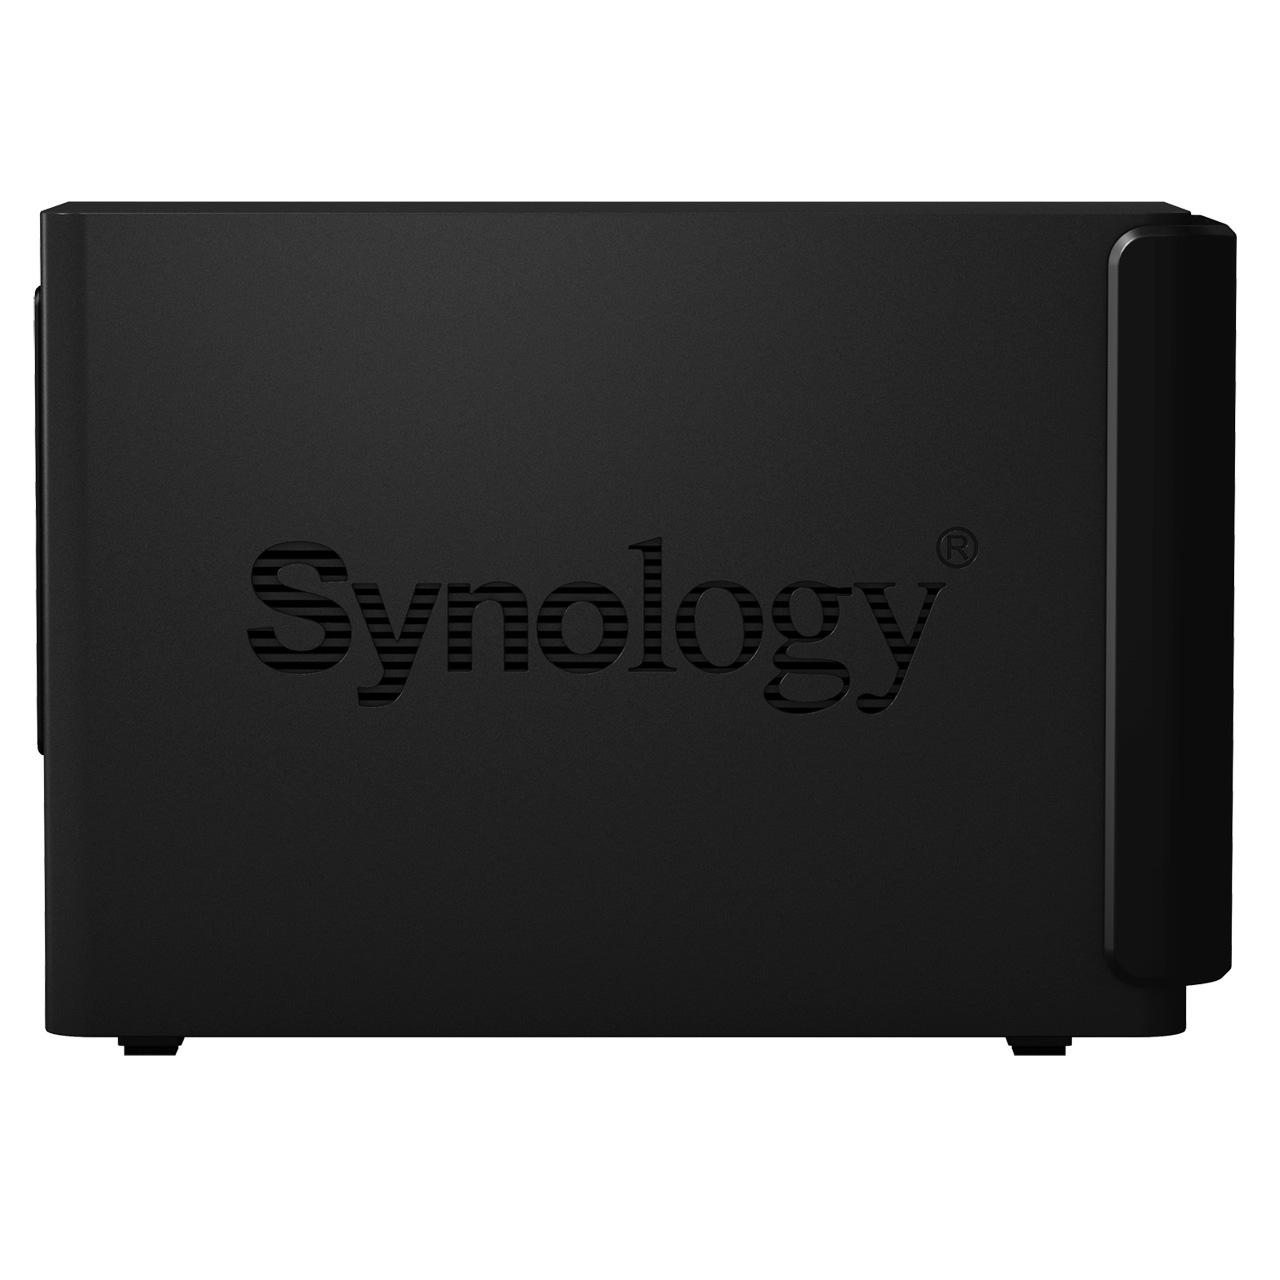 Synology DS213 doméstico